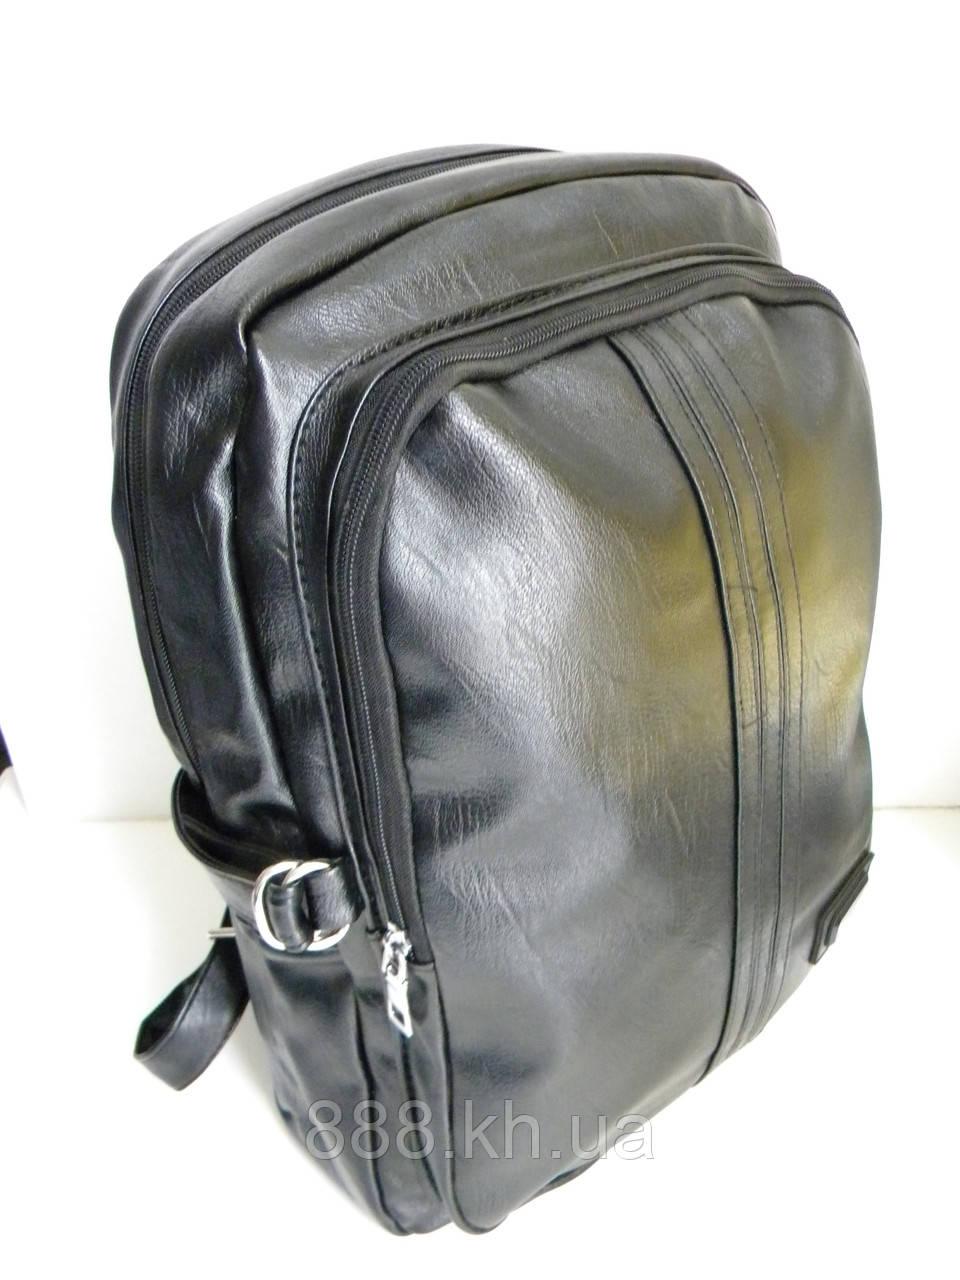 Кожаный рюкзак, городской рюкзак, молодежный рюкзак